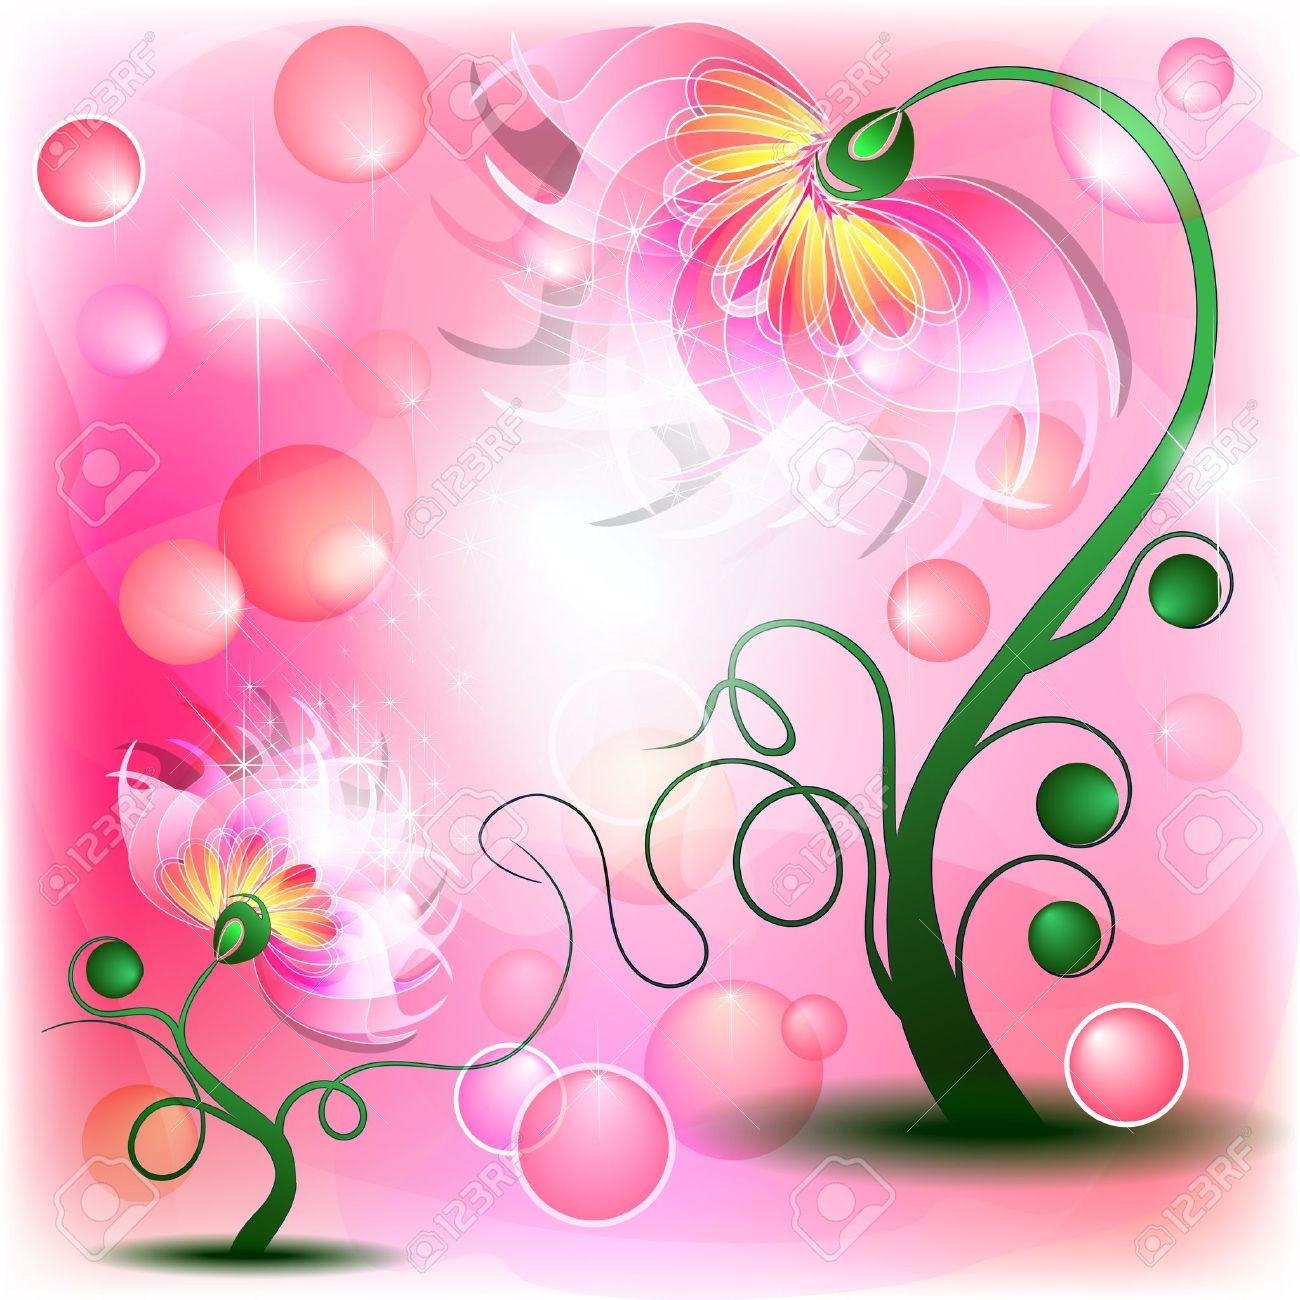 Fata fiori rosa mamma e il bambino in astratto da sogno Archivio Fotografico - 12493484